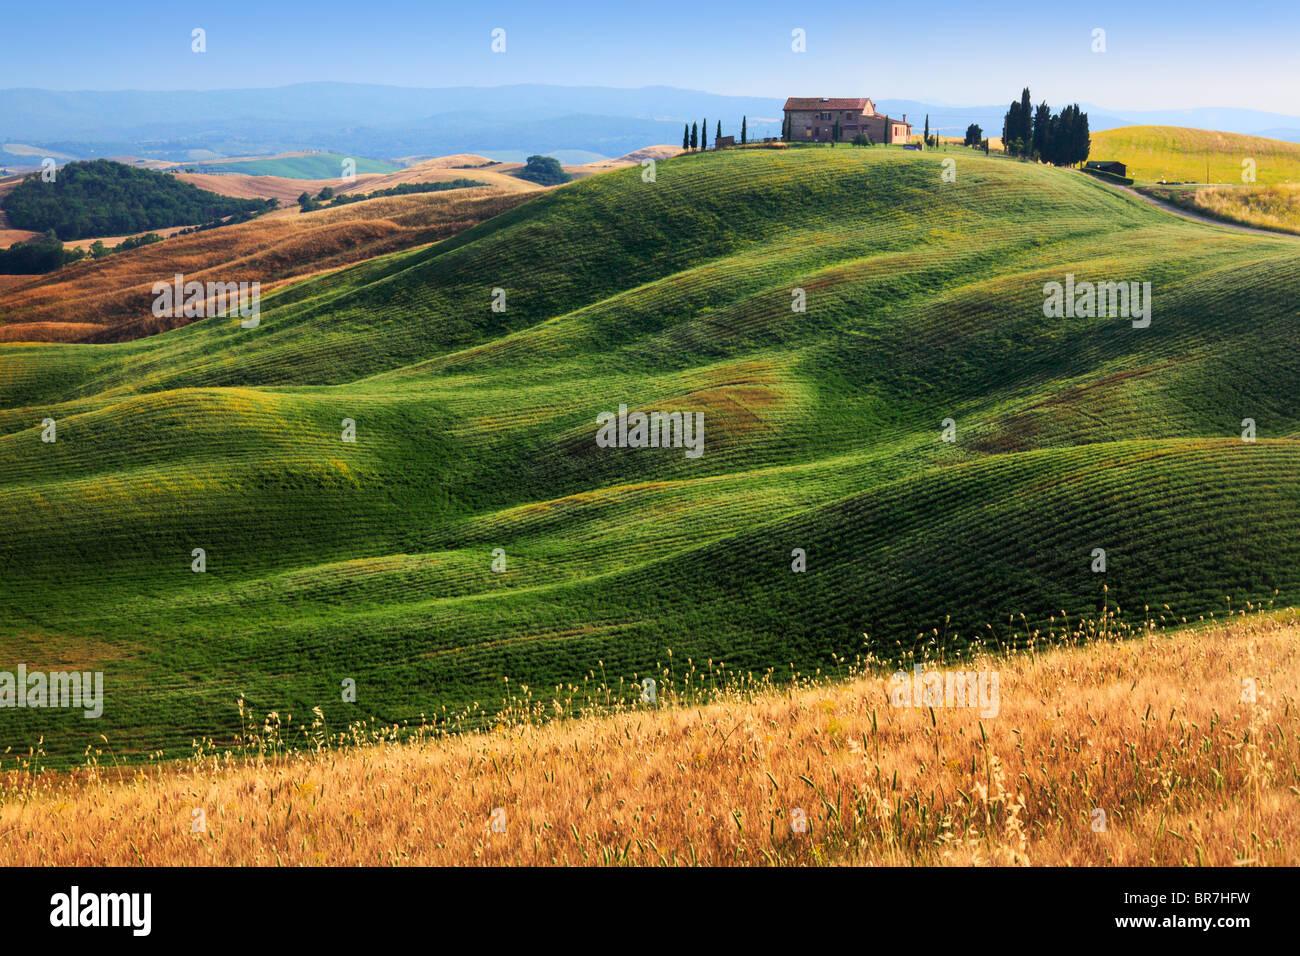 Villa in collina vicino a Asciano nella Toscana centrale, Italia Immagini Stock